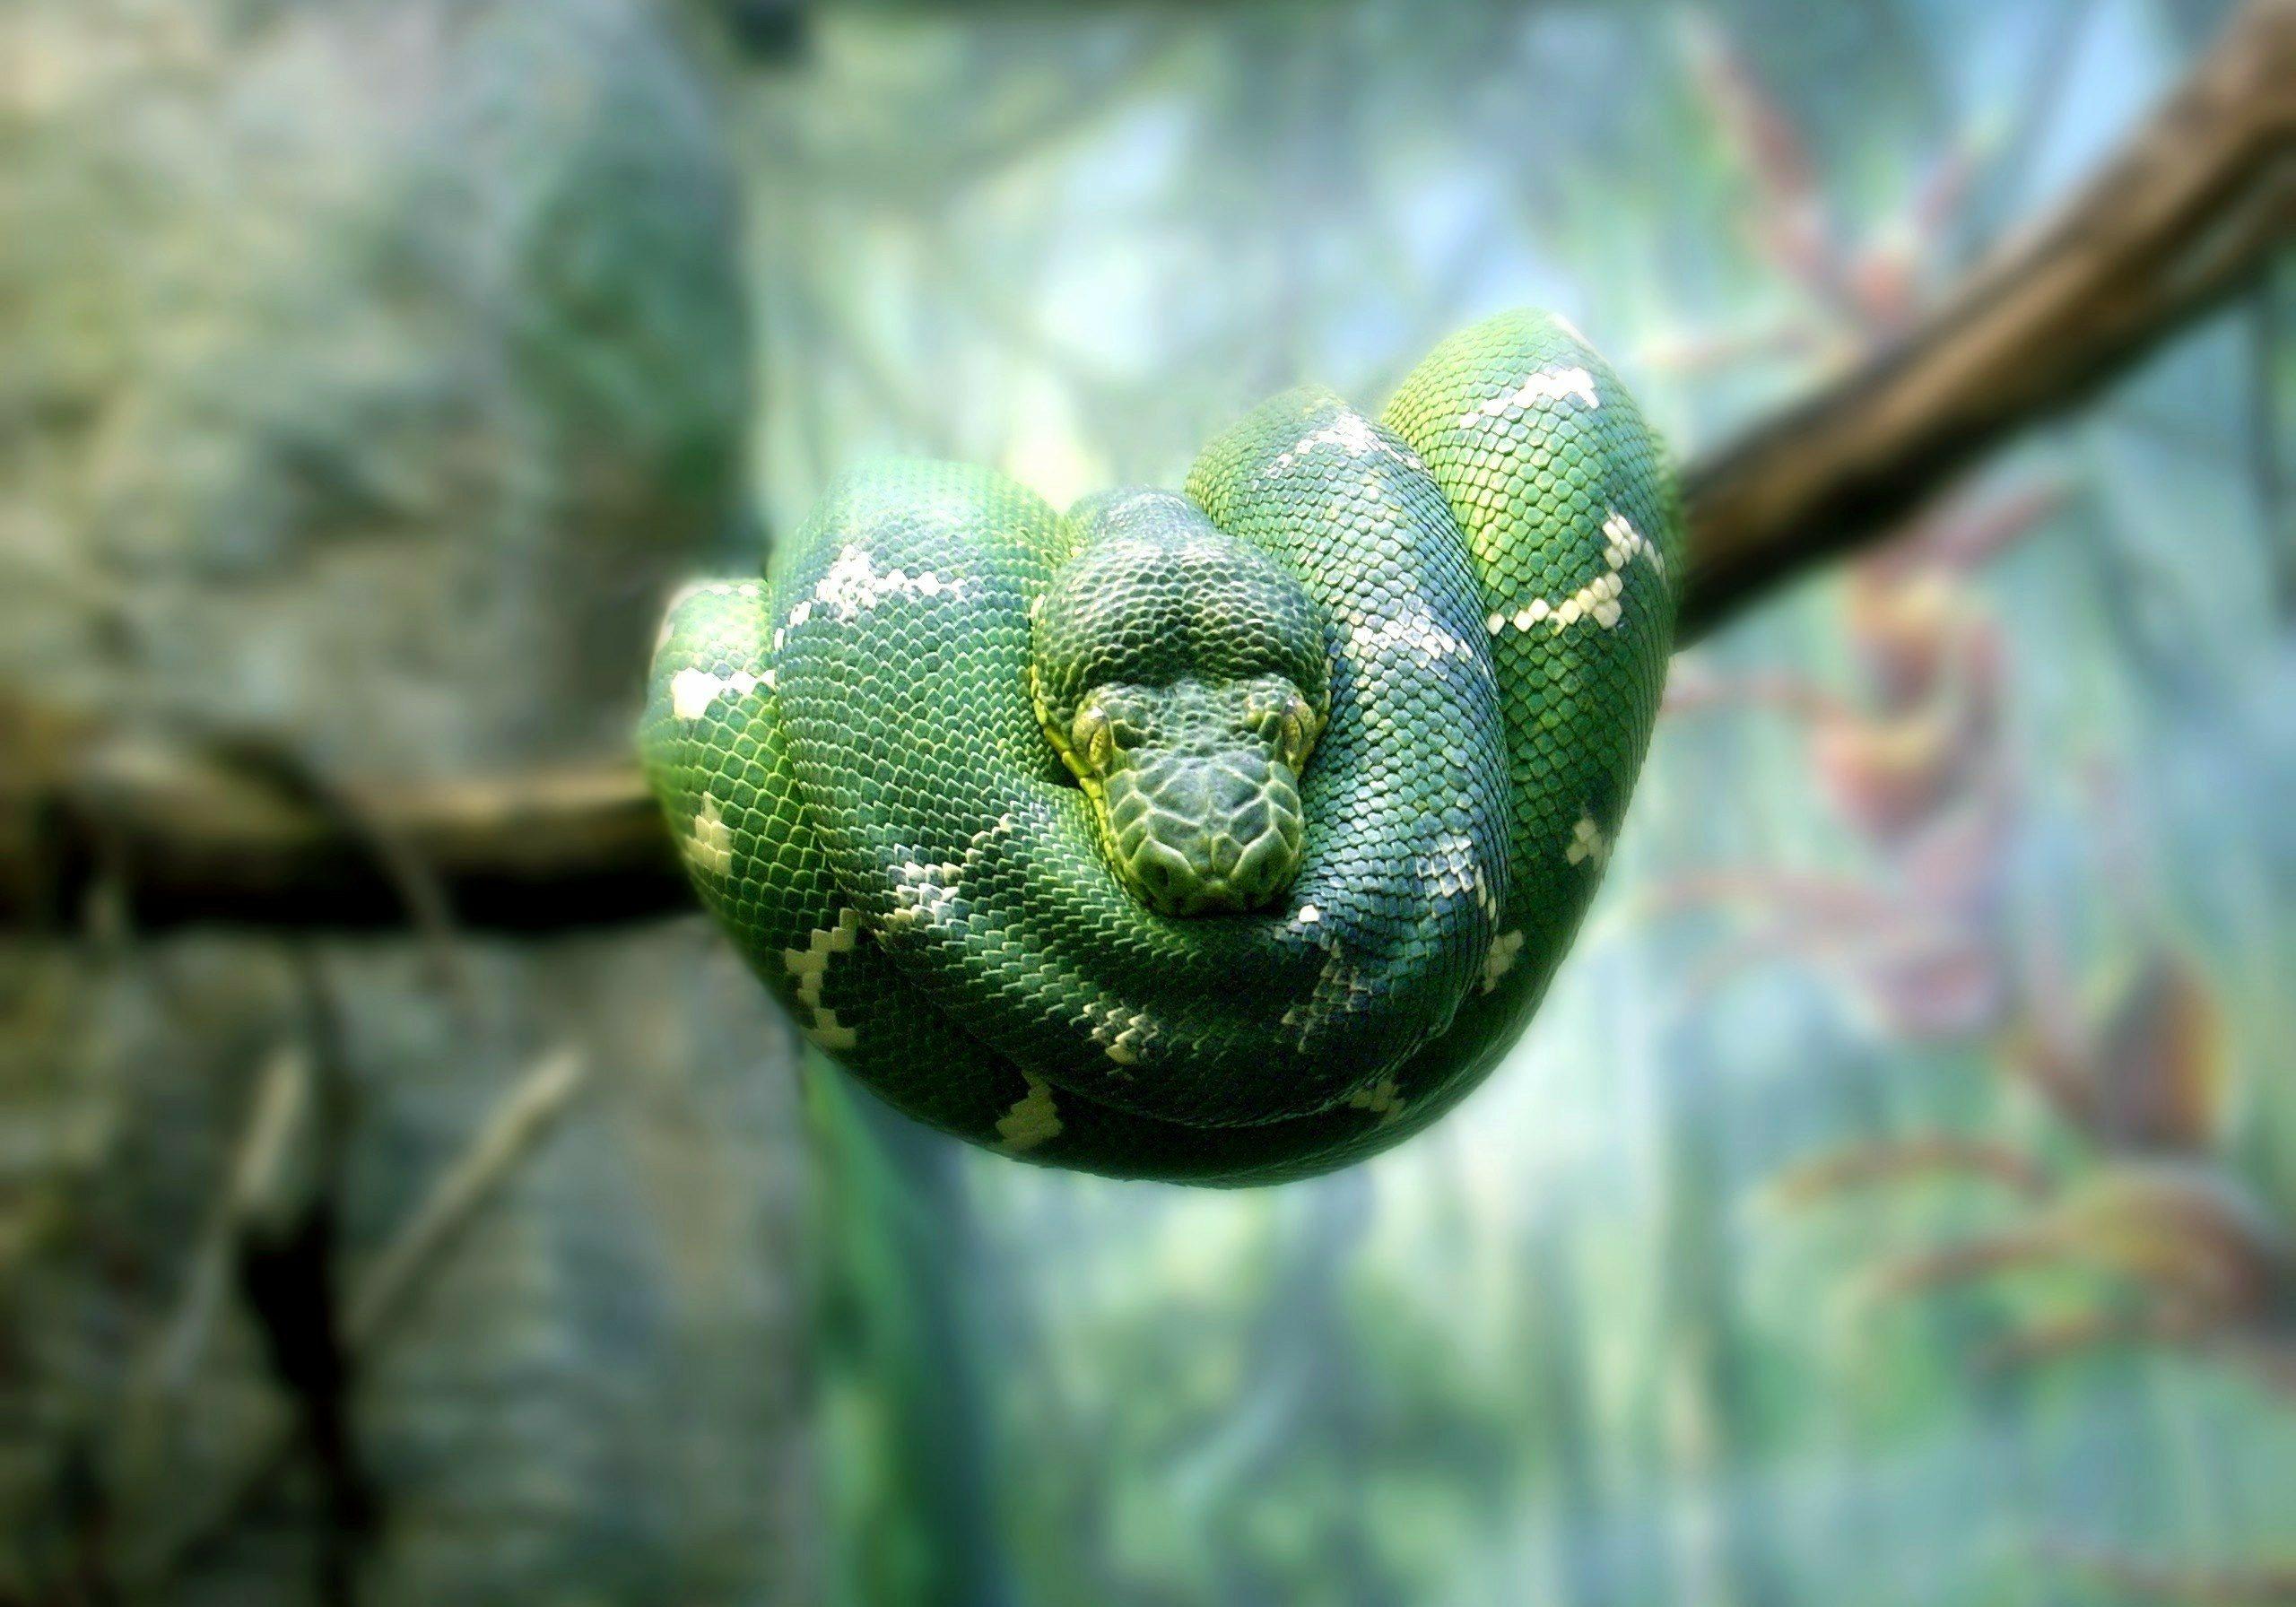 Emerald Tree Boa native to Guyana a tree dweller